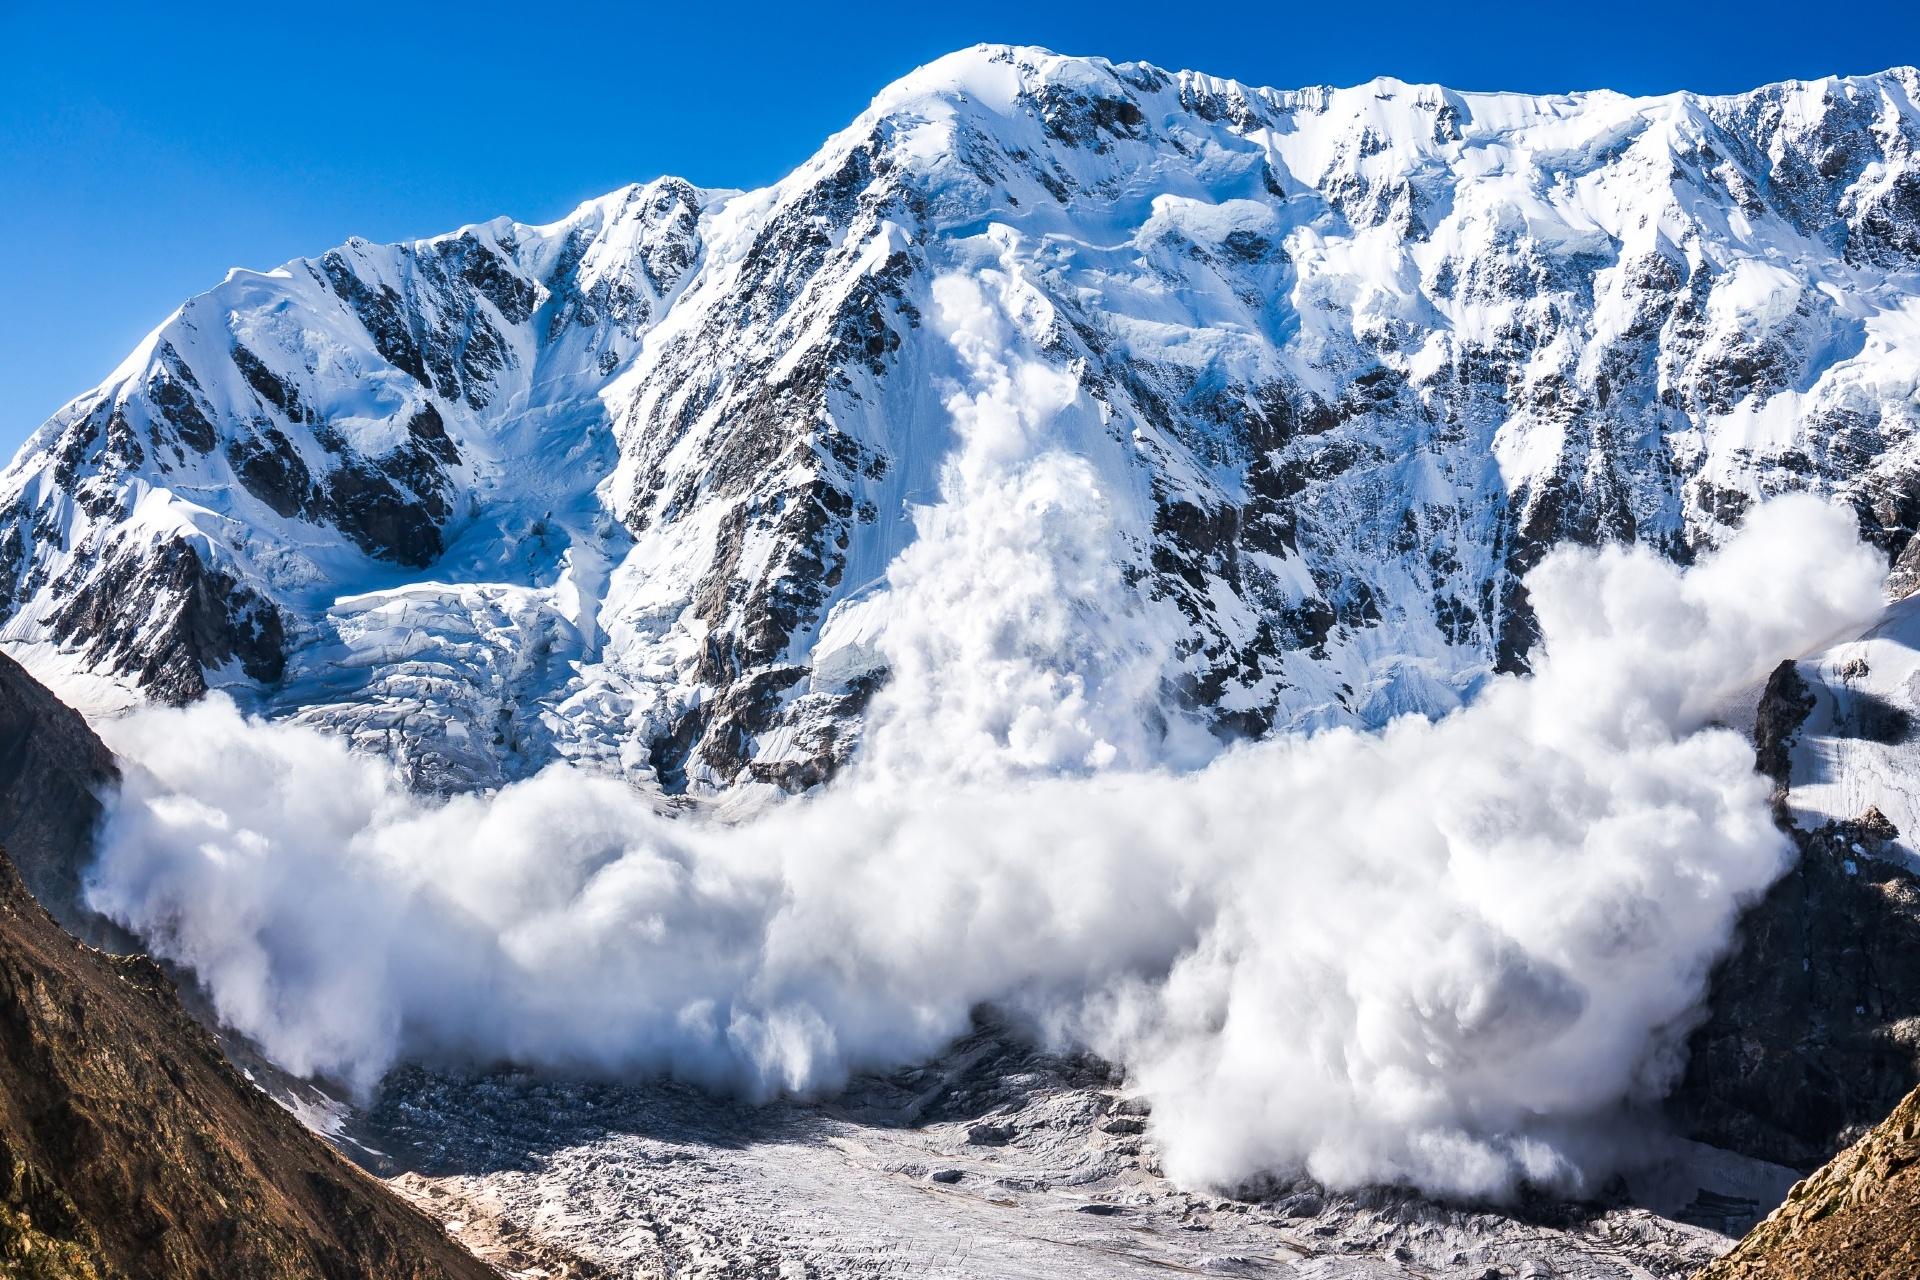 シュハラ山の雪崩 ロシアの風景